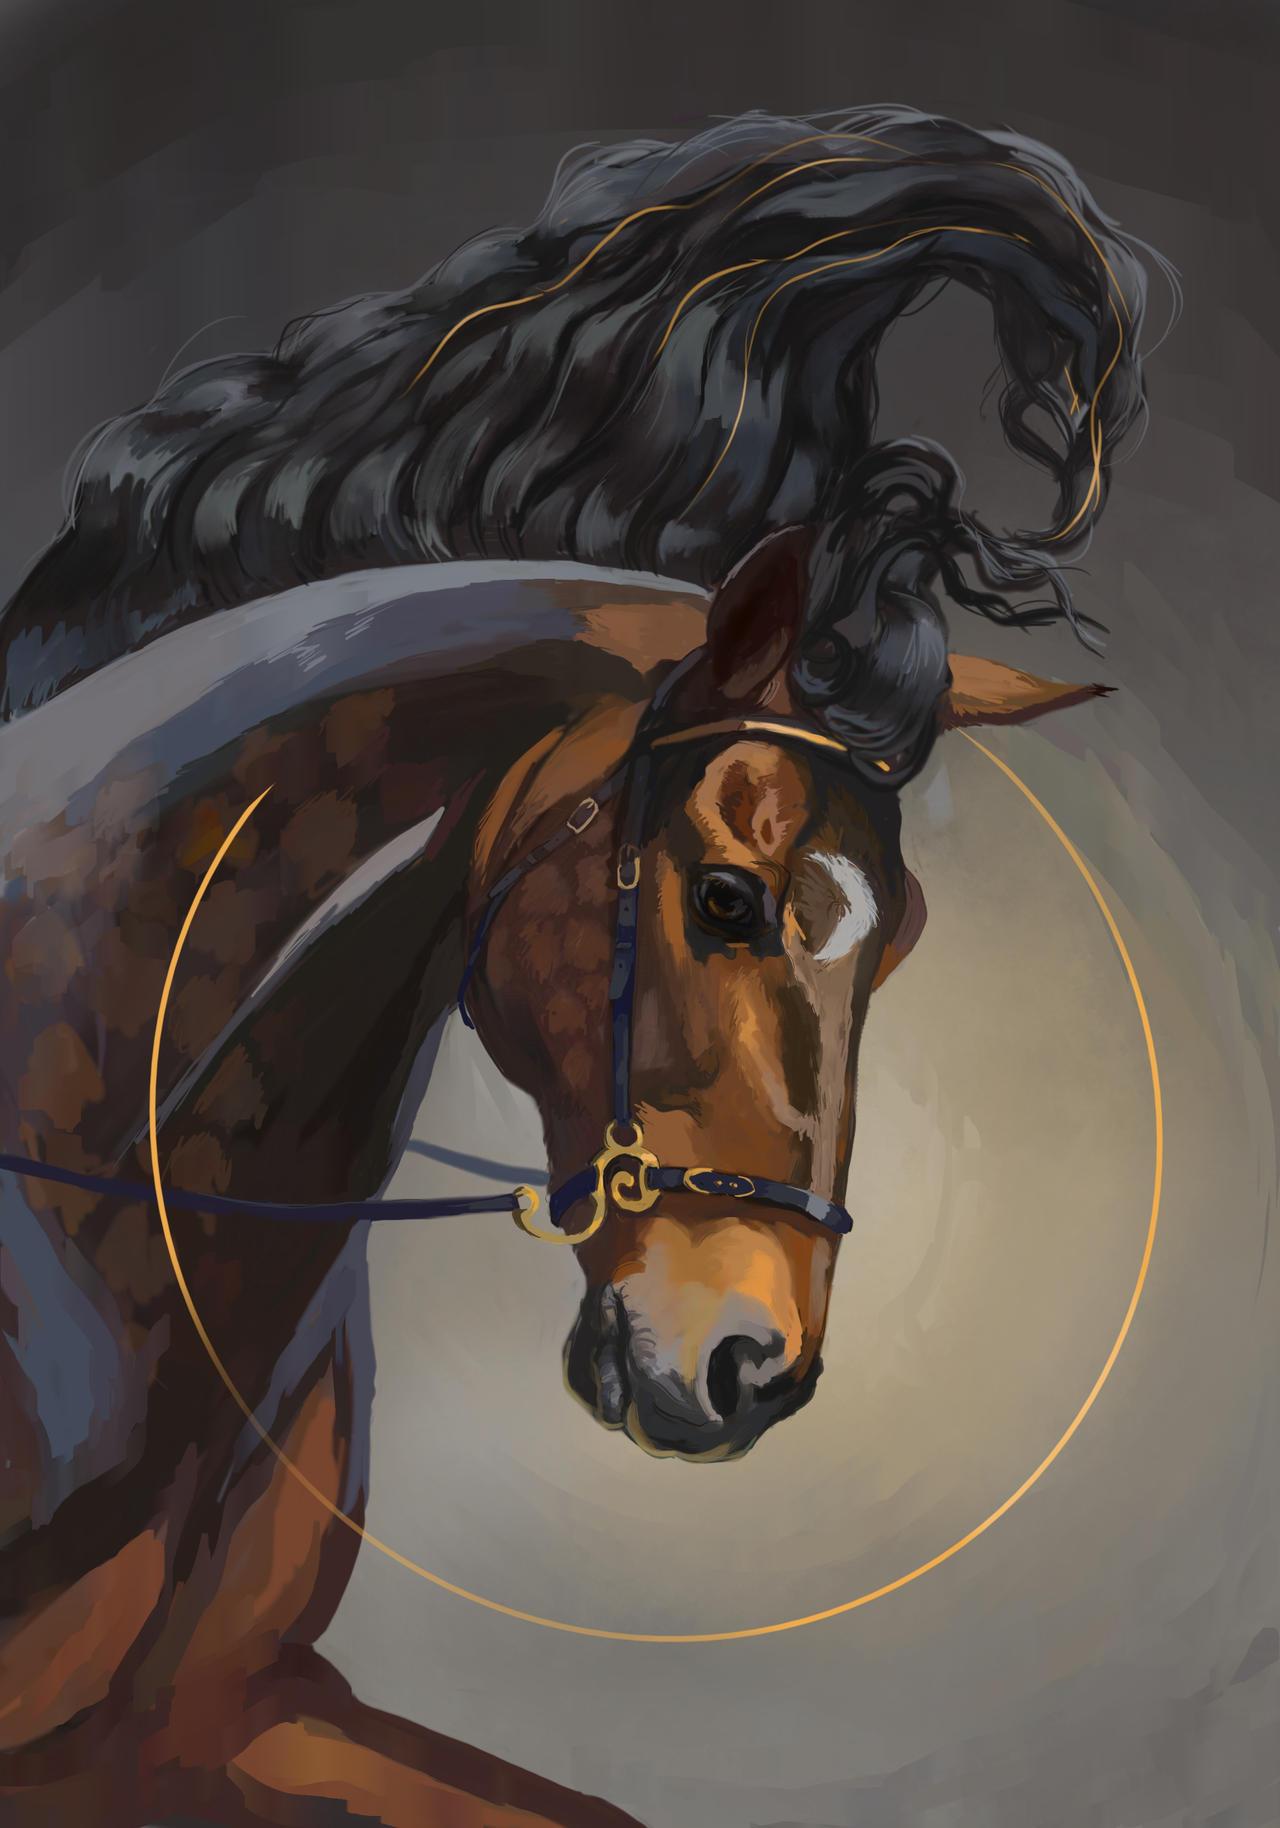 Golden Boy by PonyCool42